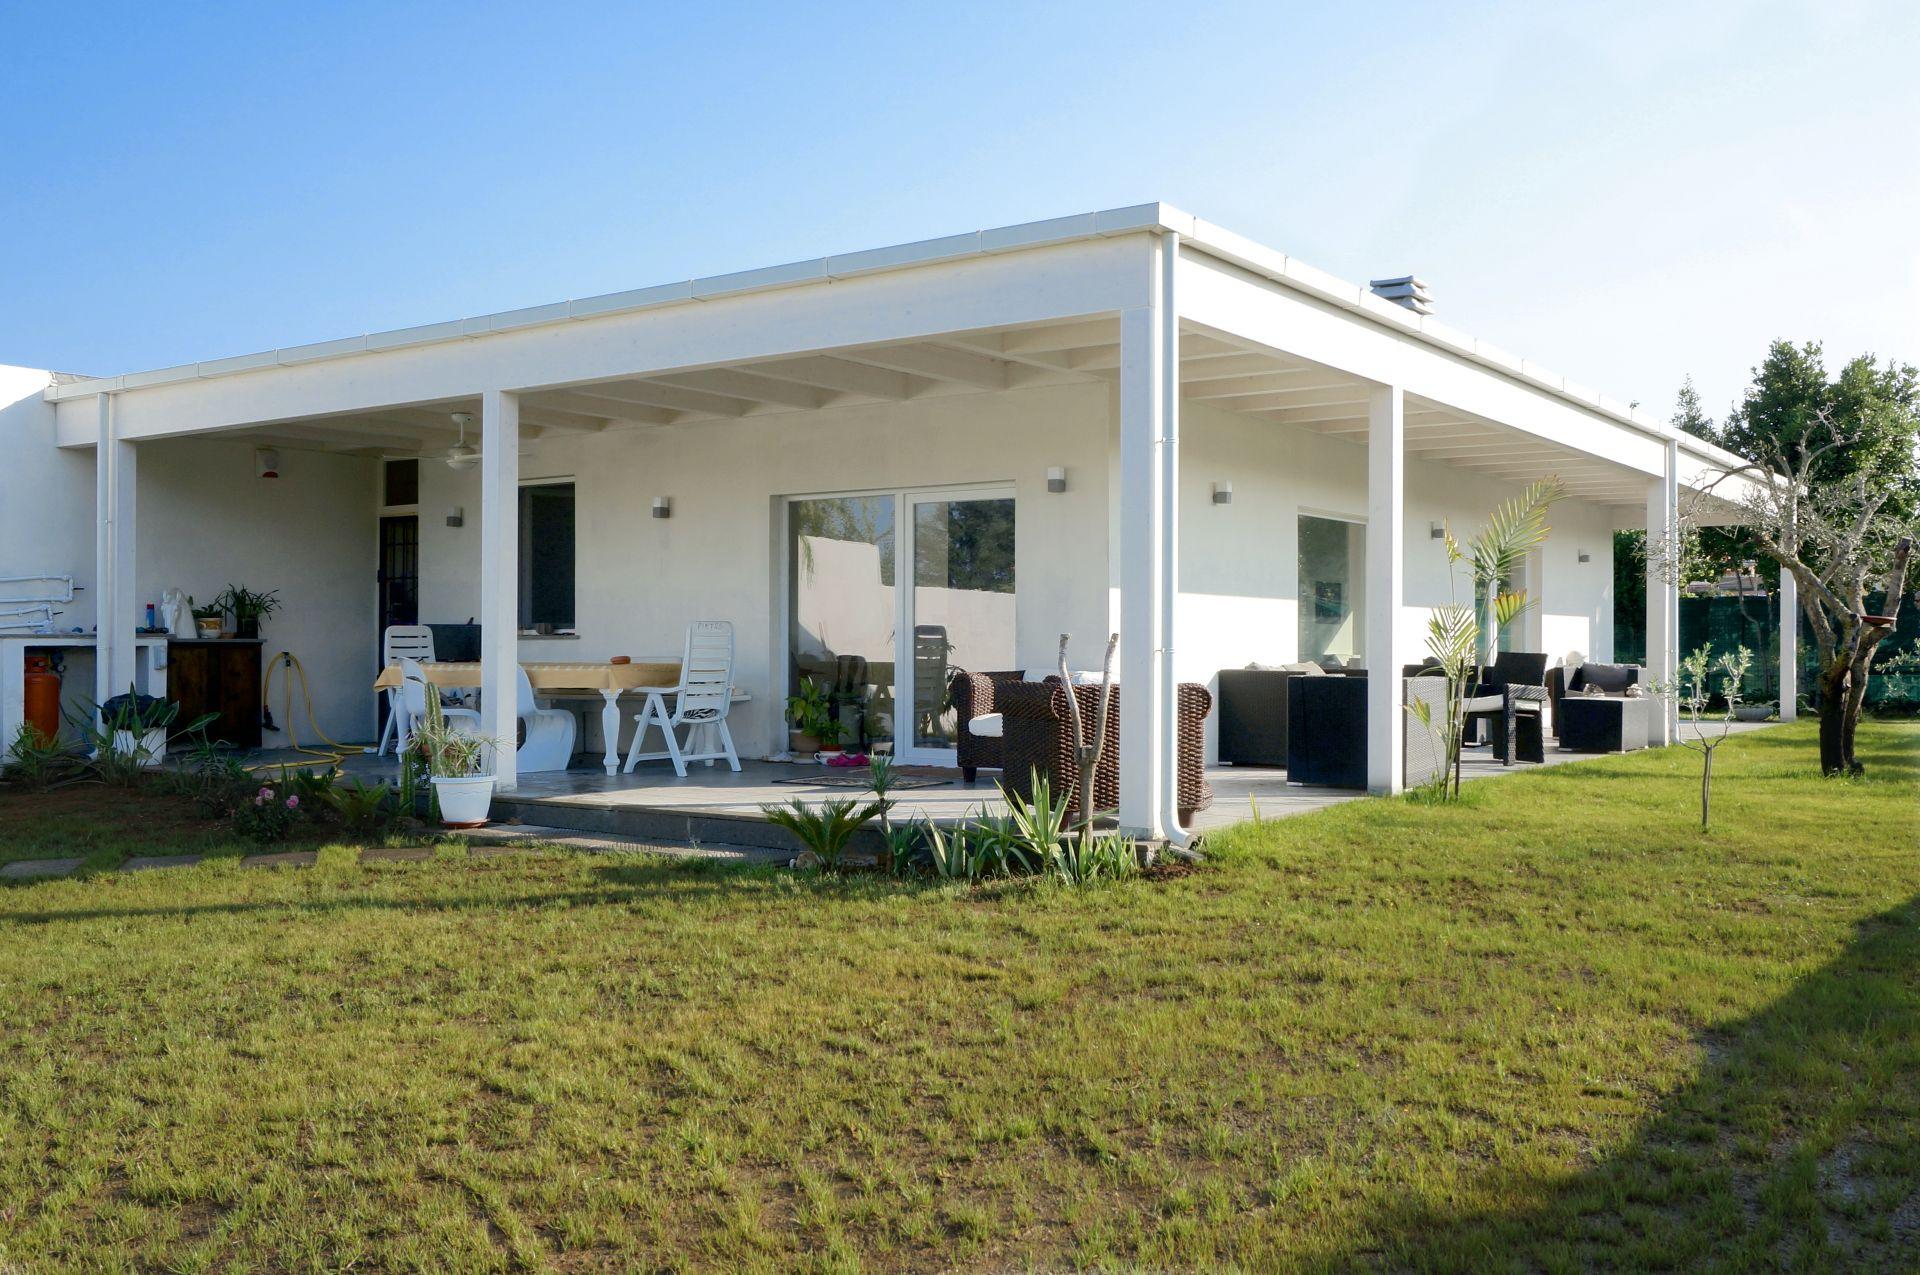 Realizzazione Casa in Legno Villa unifamiliare Passiva Roma - Infernetto di Technowood